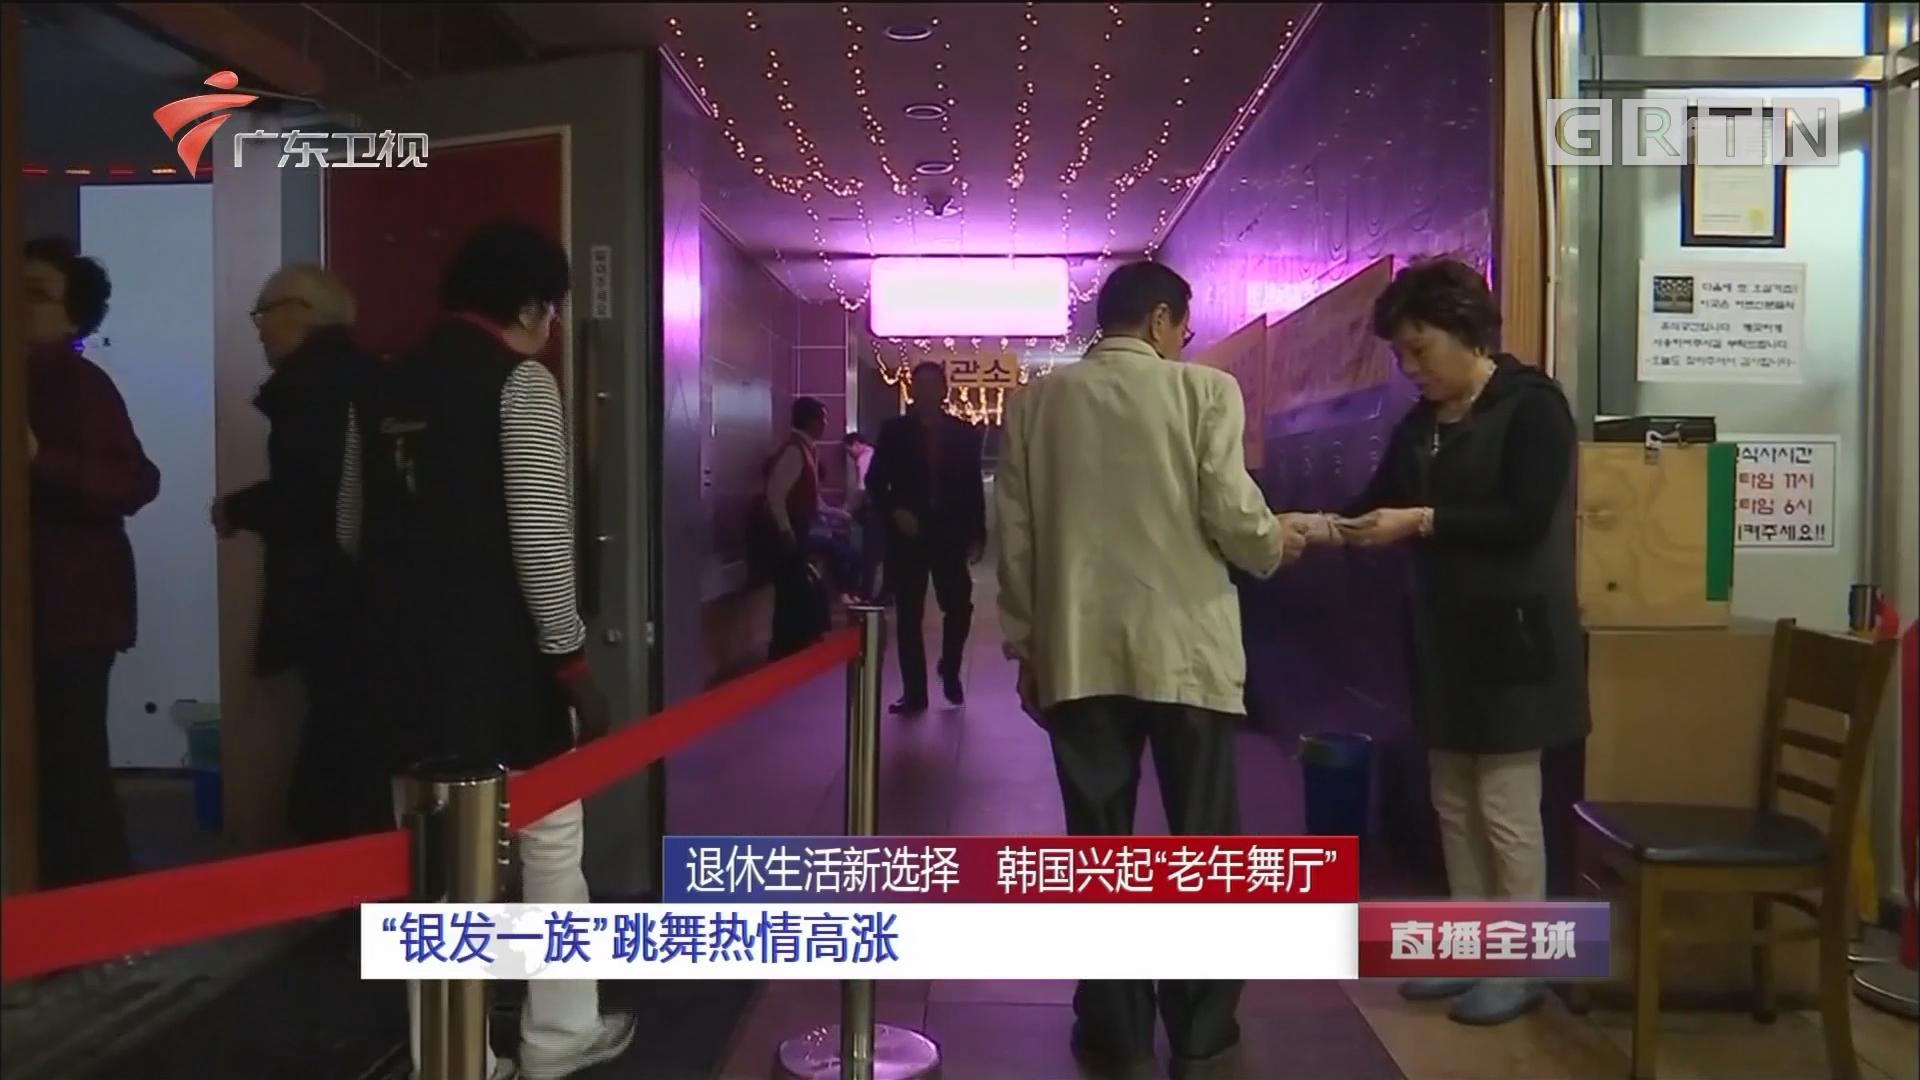 """退休生活新选择 韩国兴起""""老年舞厅"""":""""银发一族""""跳舞热情高涨"""